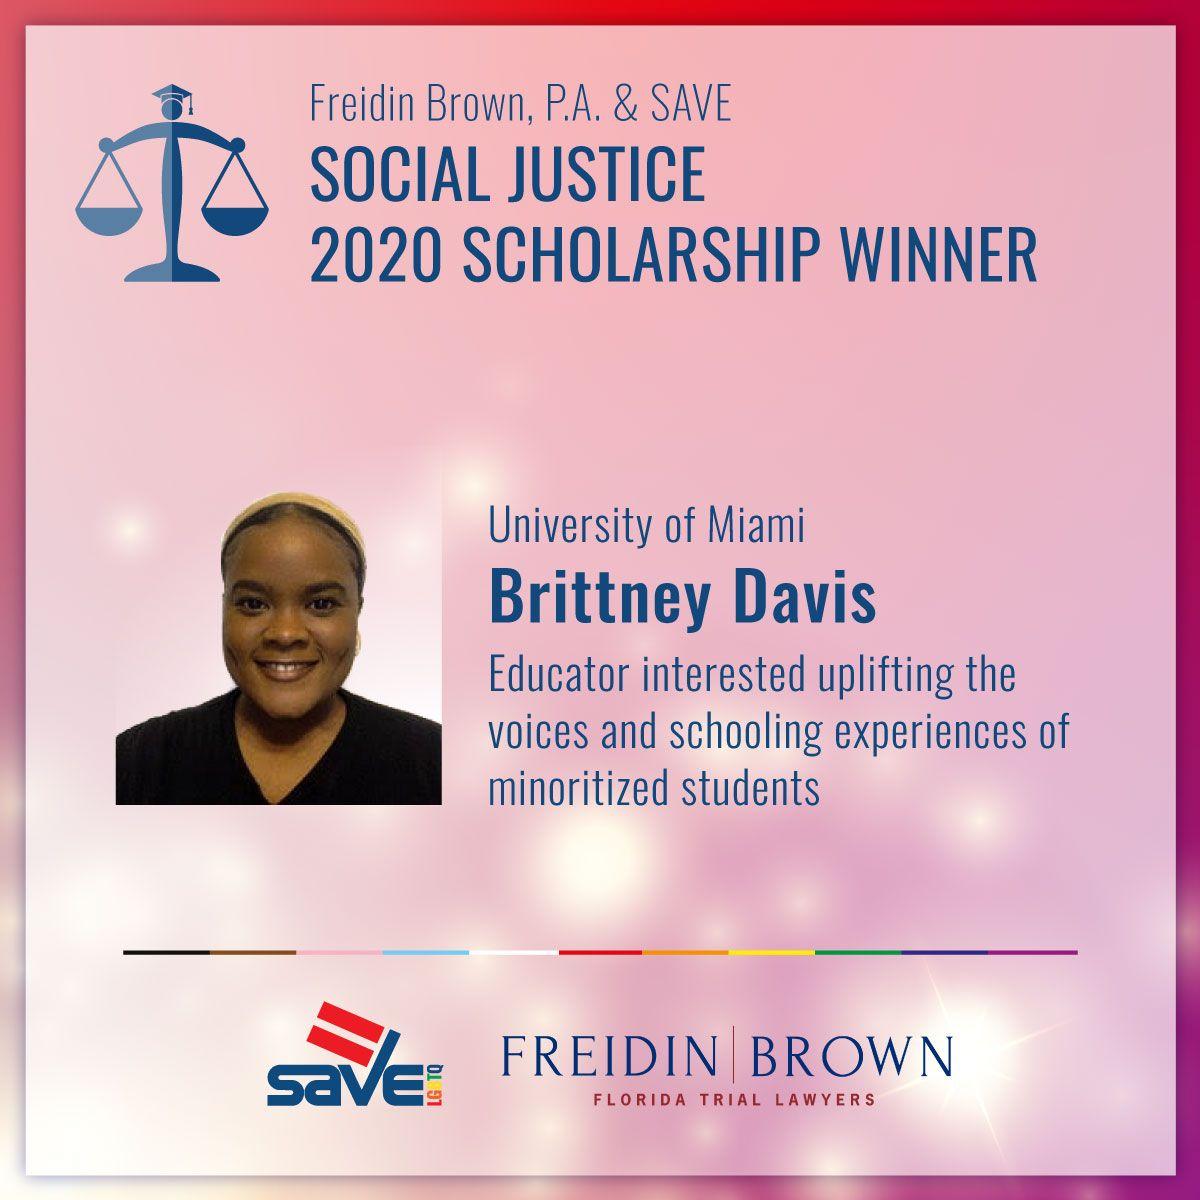 Brittney Davis